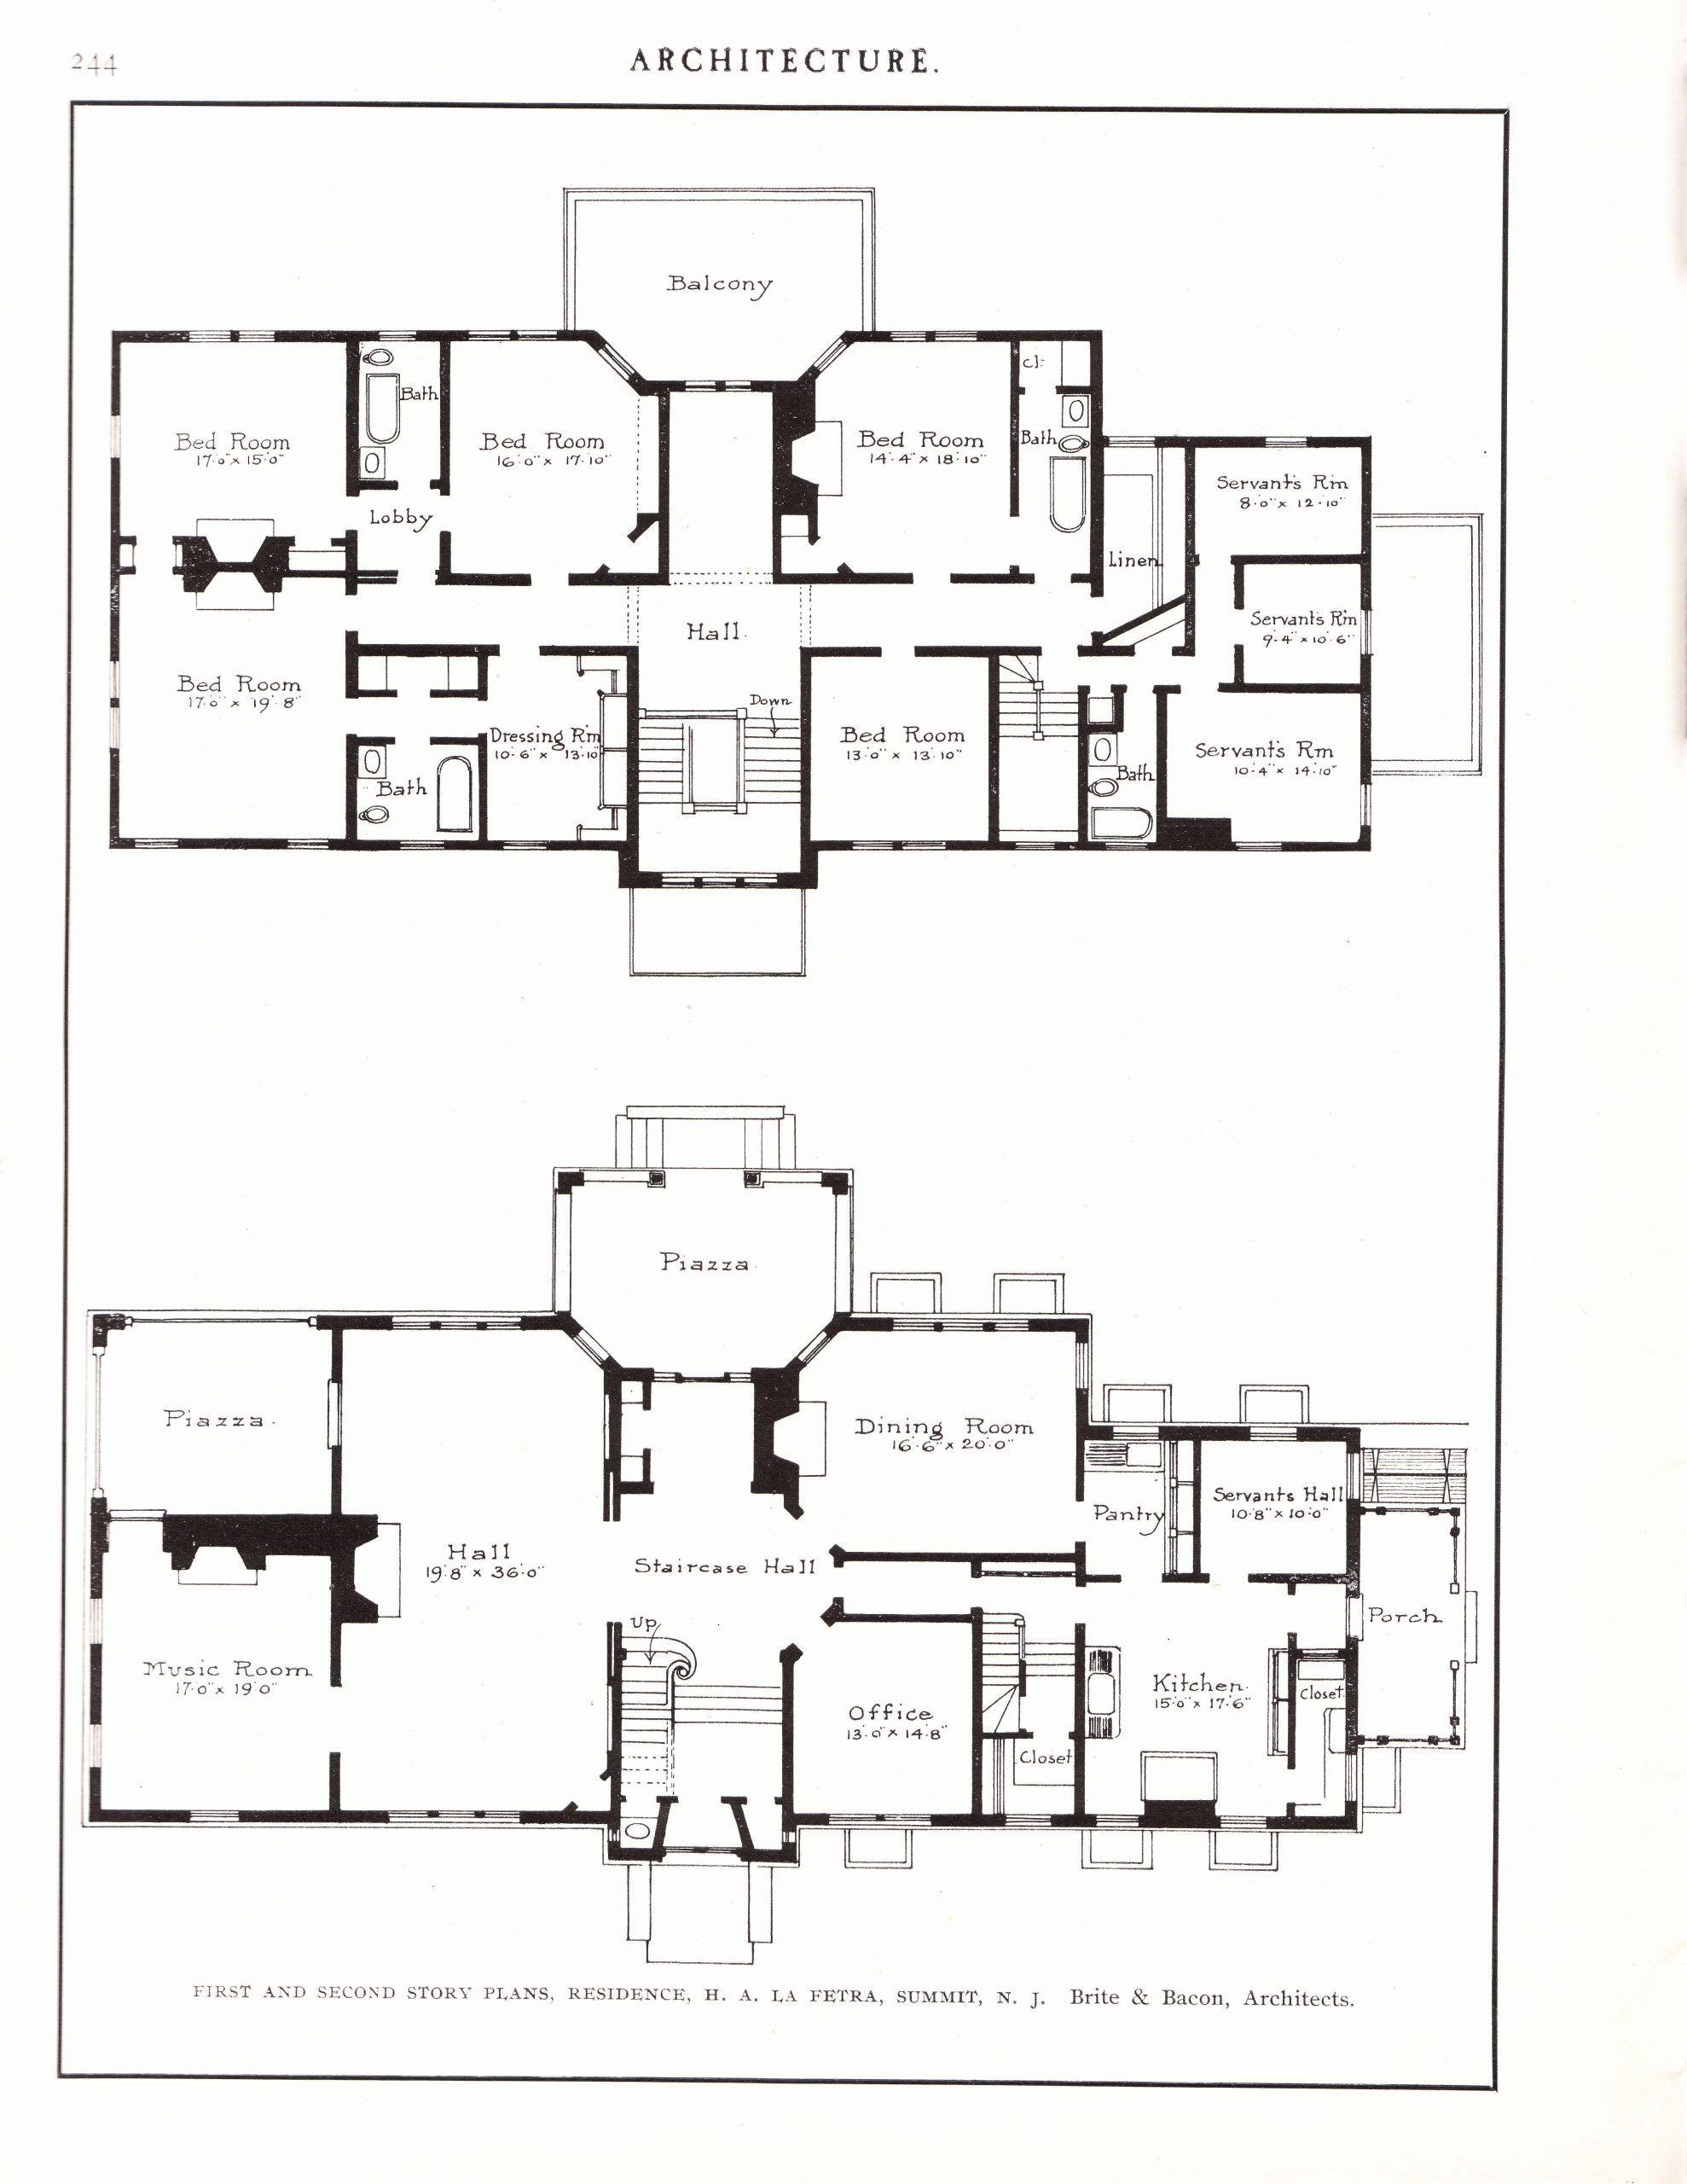 House Plans Free Download Unique 53 Unique 3d House Plan Drawing Software Free Download In 2020 Free House Plan Software Architectural Floor Plans Floor Plan Design